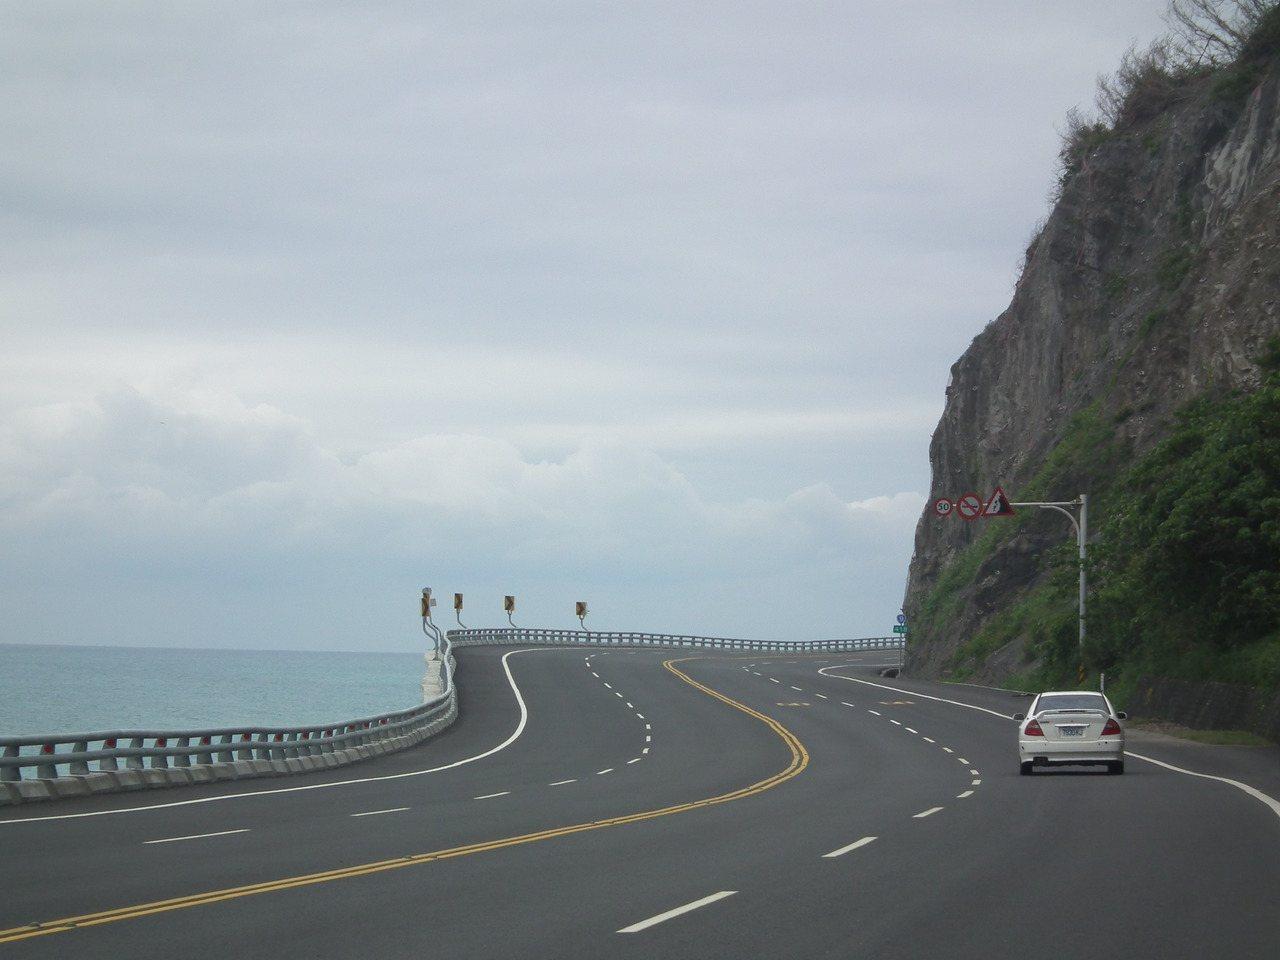 彎道一邊是岩塊峭壁,一邊則是太平洋,平面看去更有不同的fu。記者尤聰光/攝影